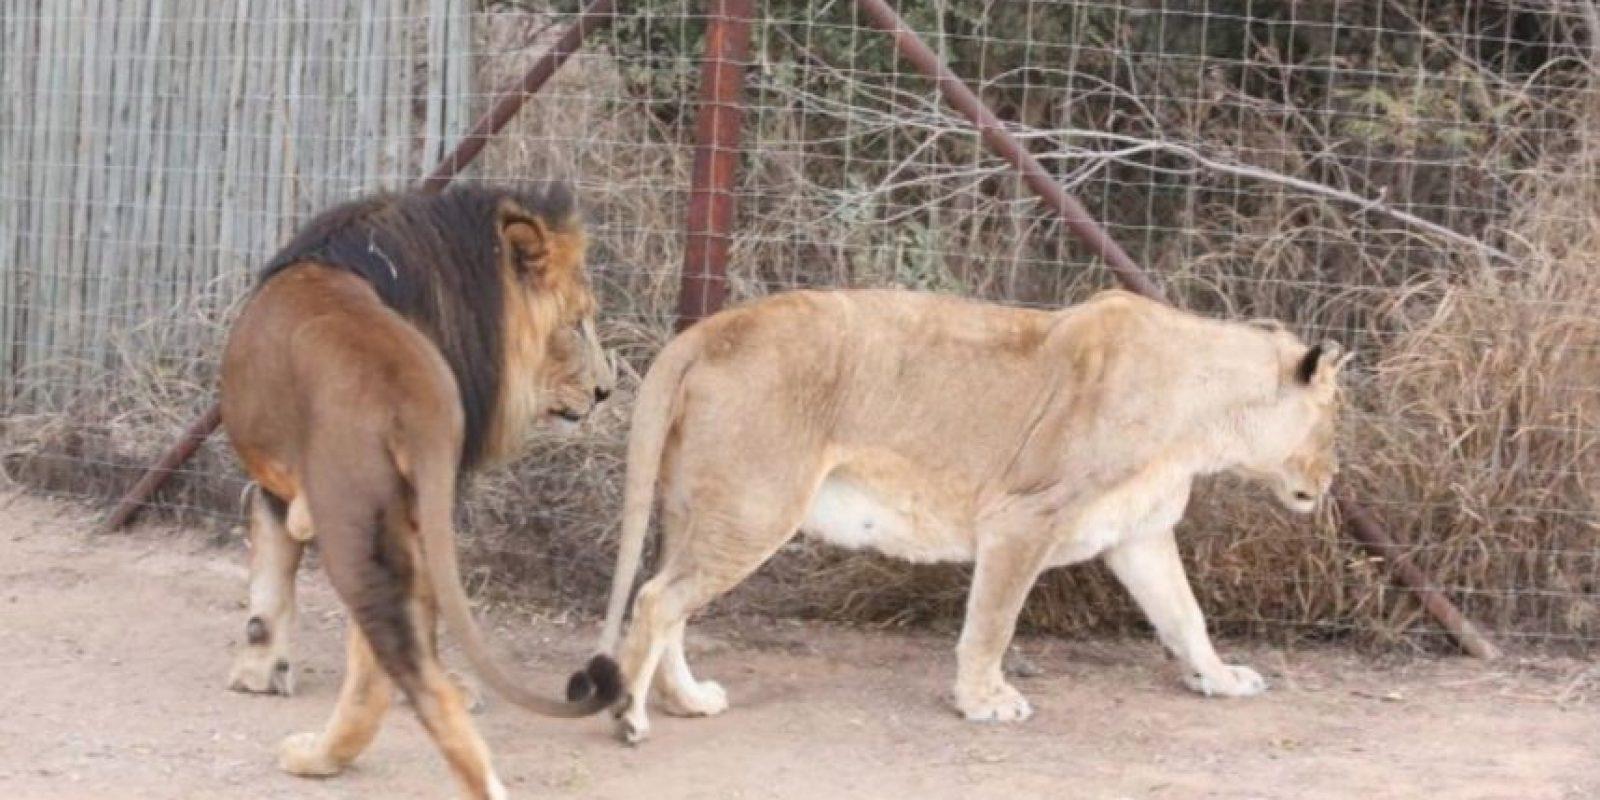 Bajó la ventana y un león la atacó y la mató. Foto:Vía Barcroft Media